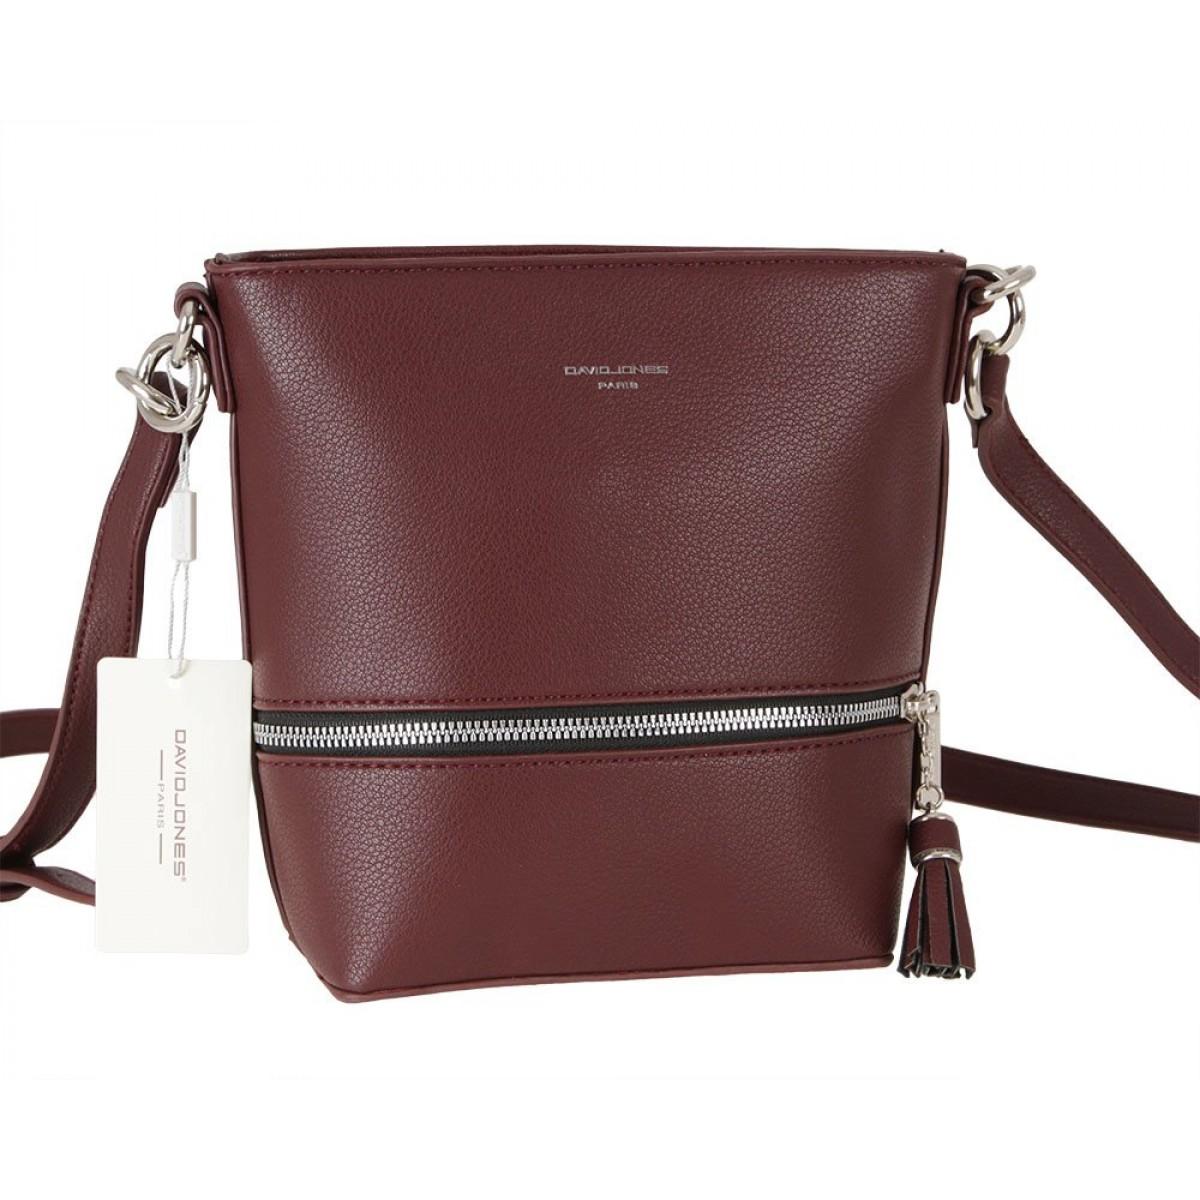 Жіноча сумка David Jones 6402-1 DARK BORDEAUX